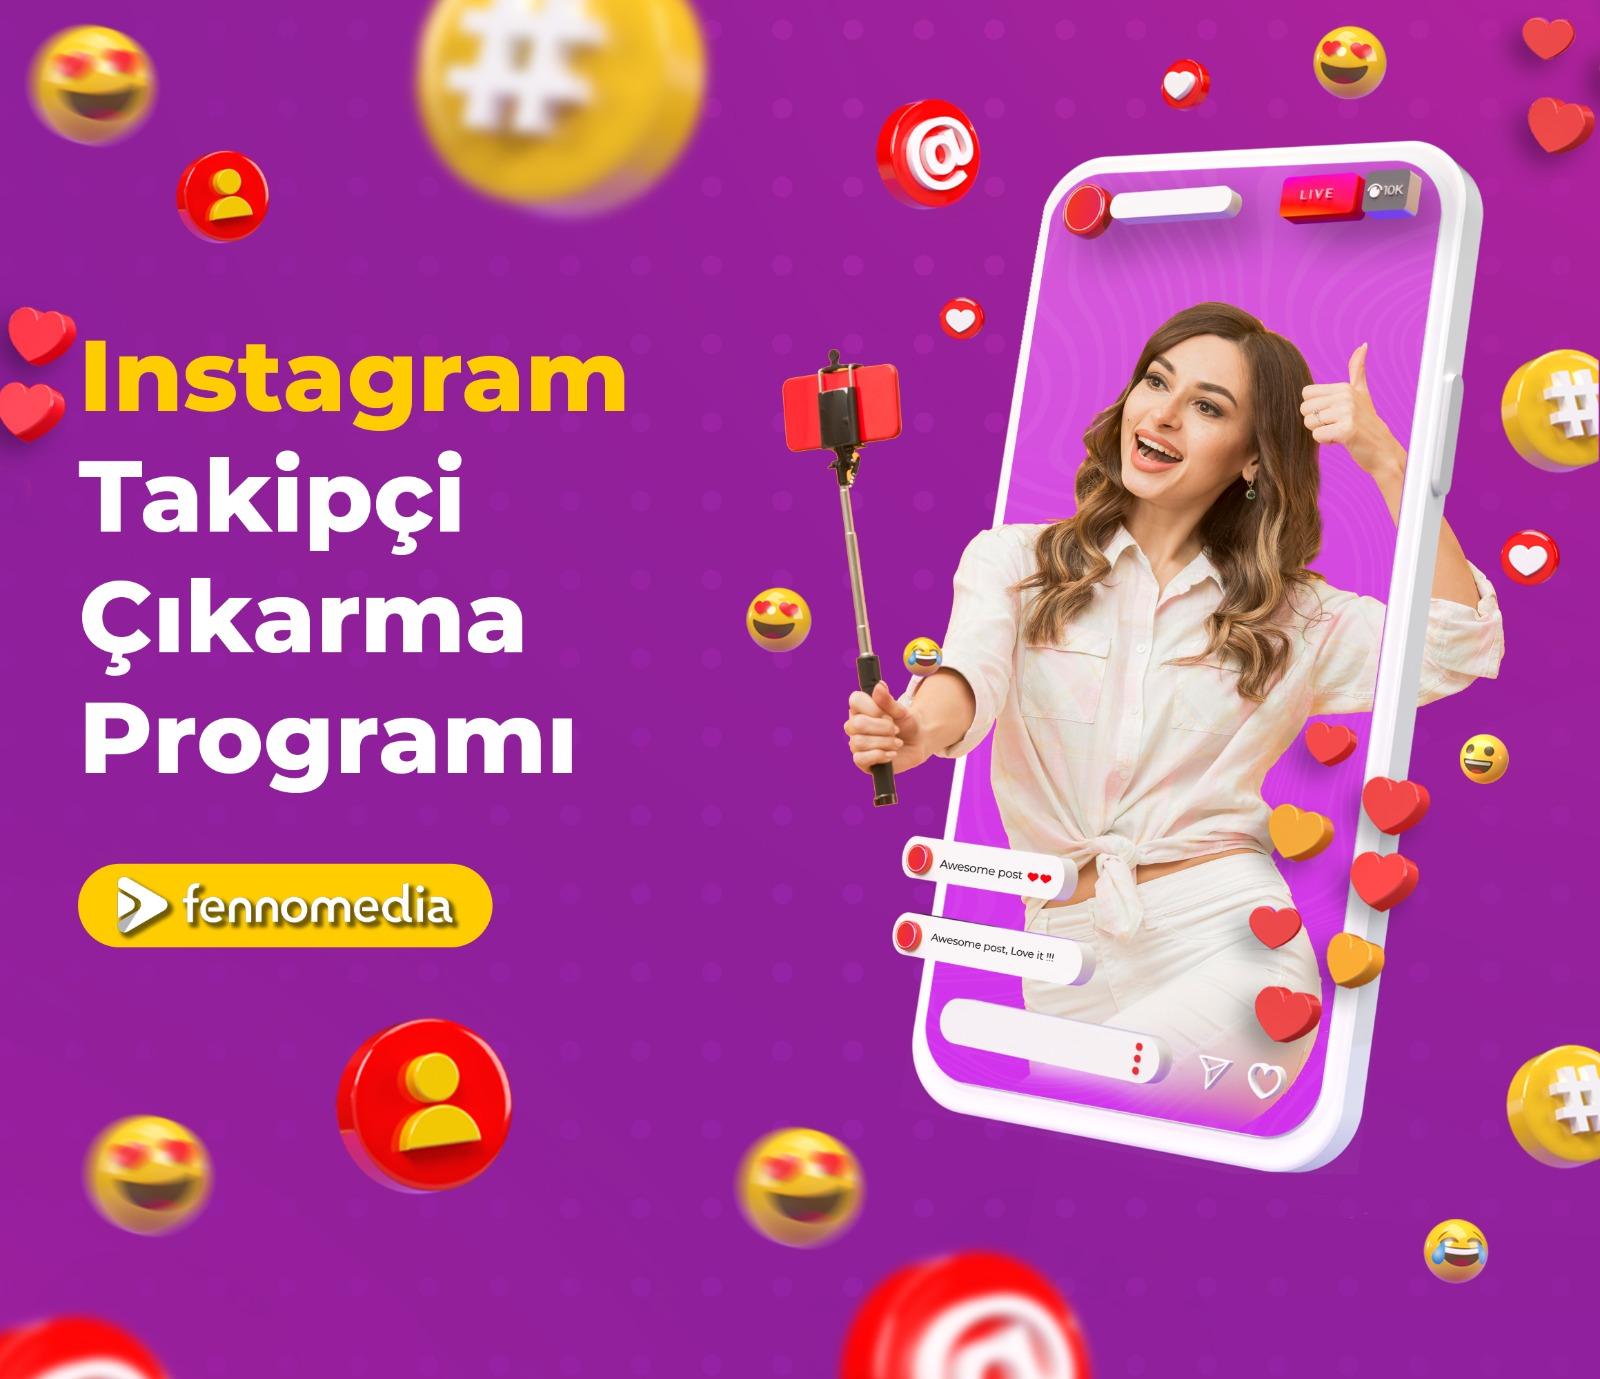 Instagram takipçi çıkarma programı